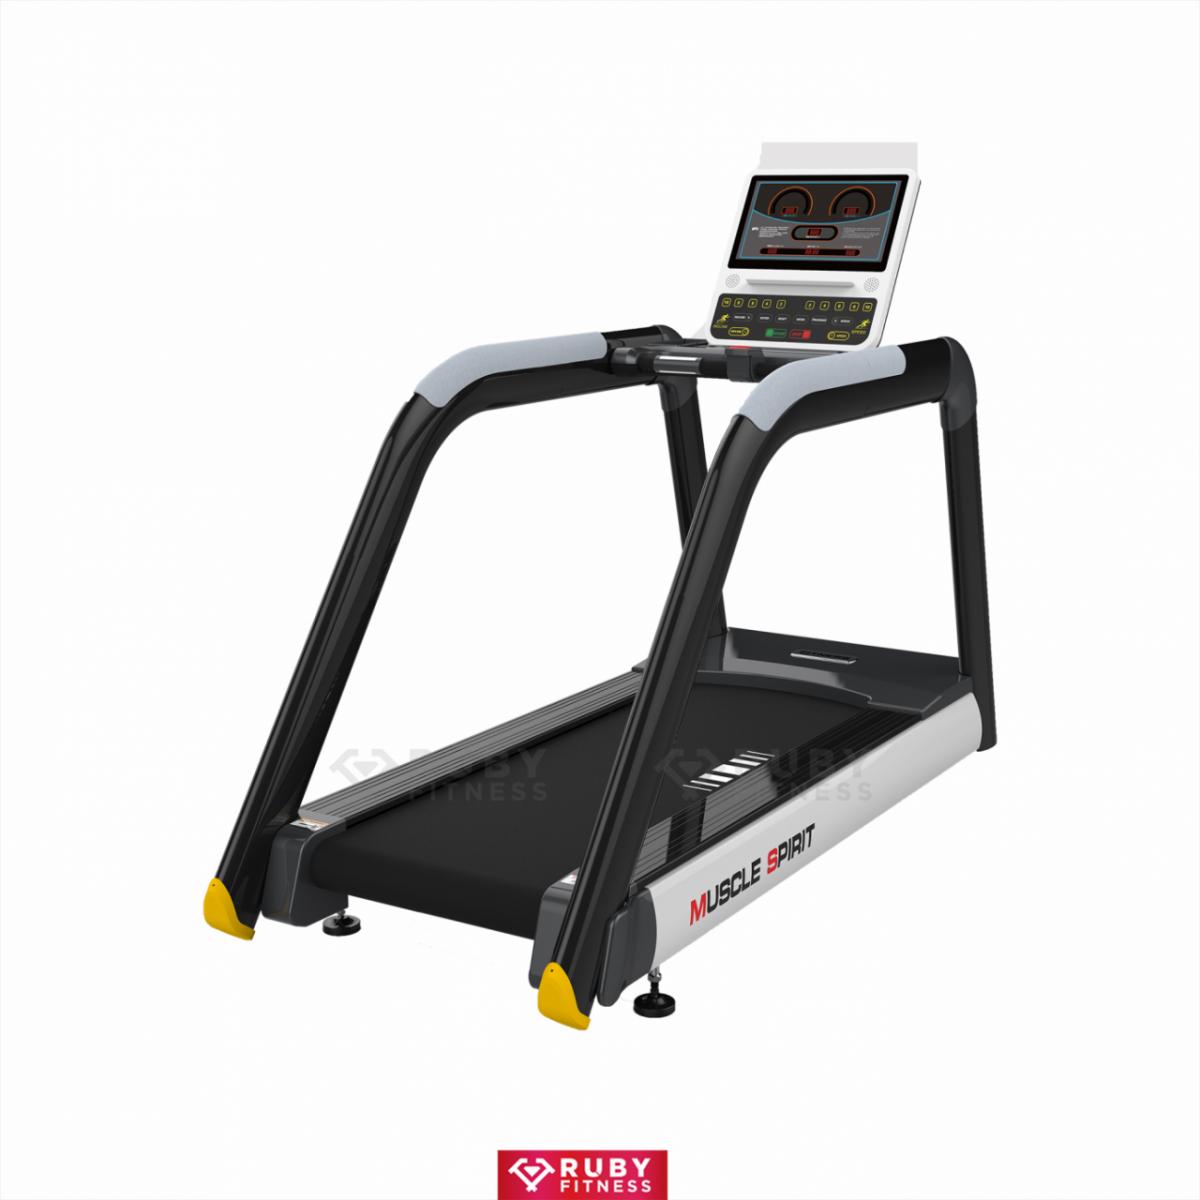 Máy chạy bộ phòng gym MBH PN-5000